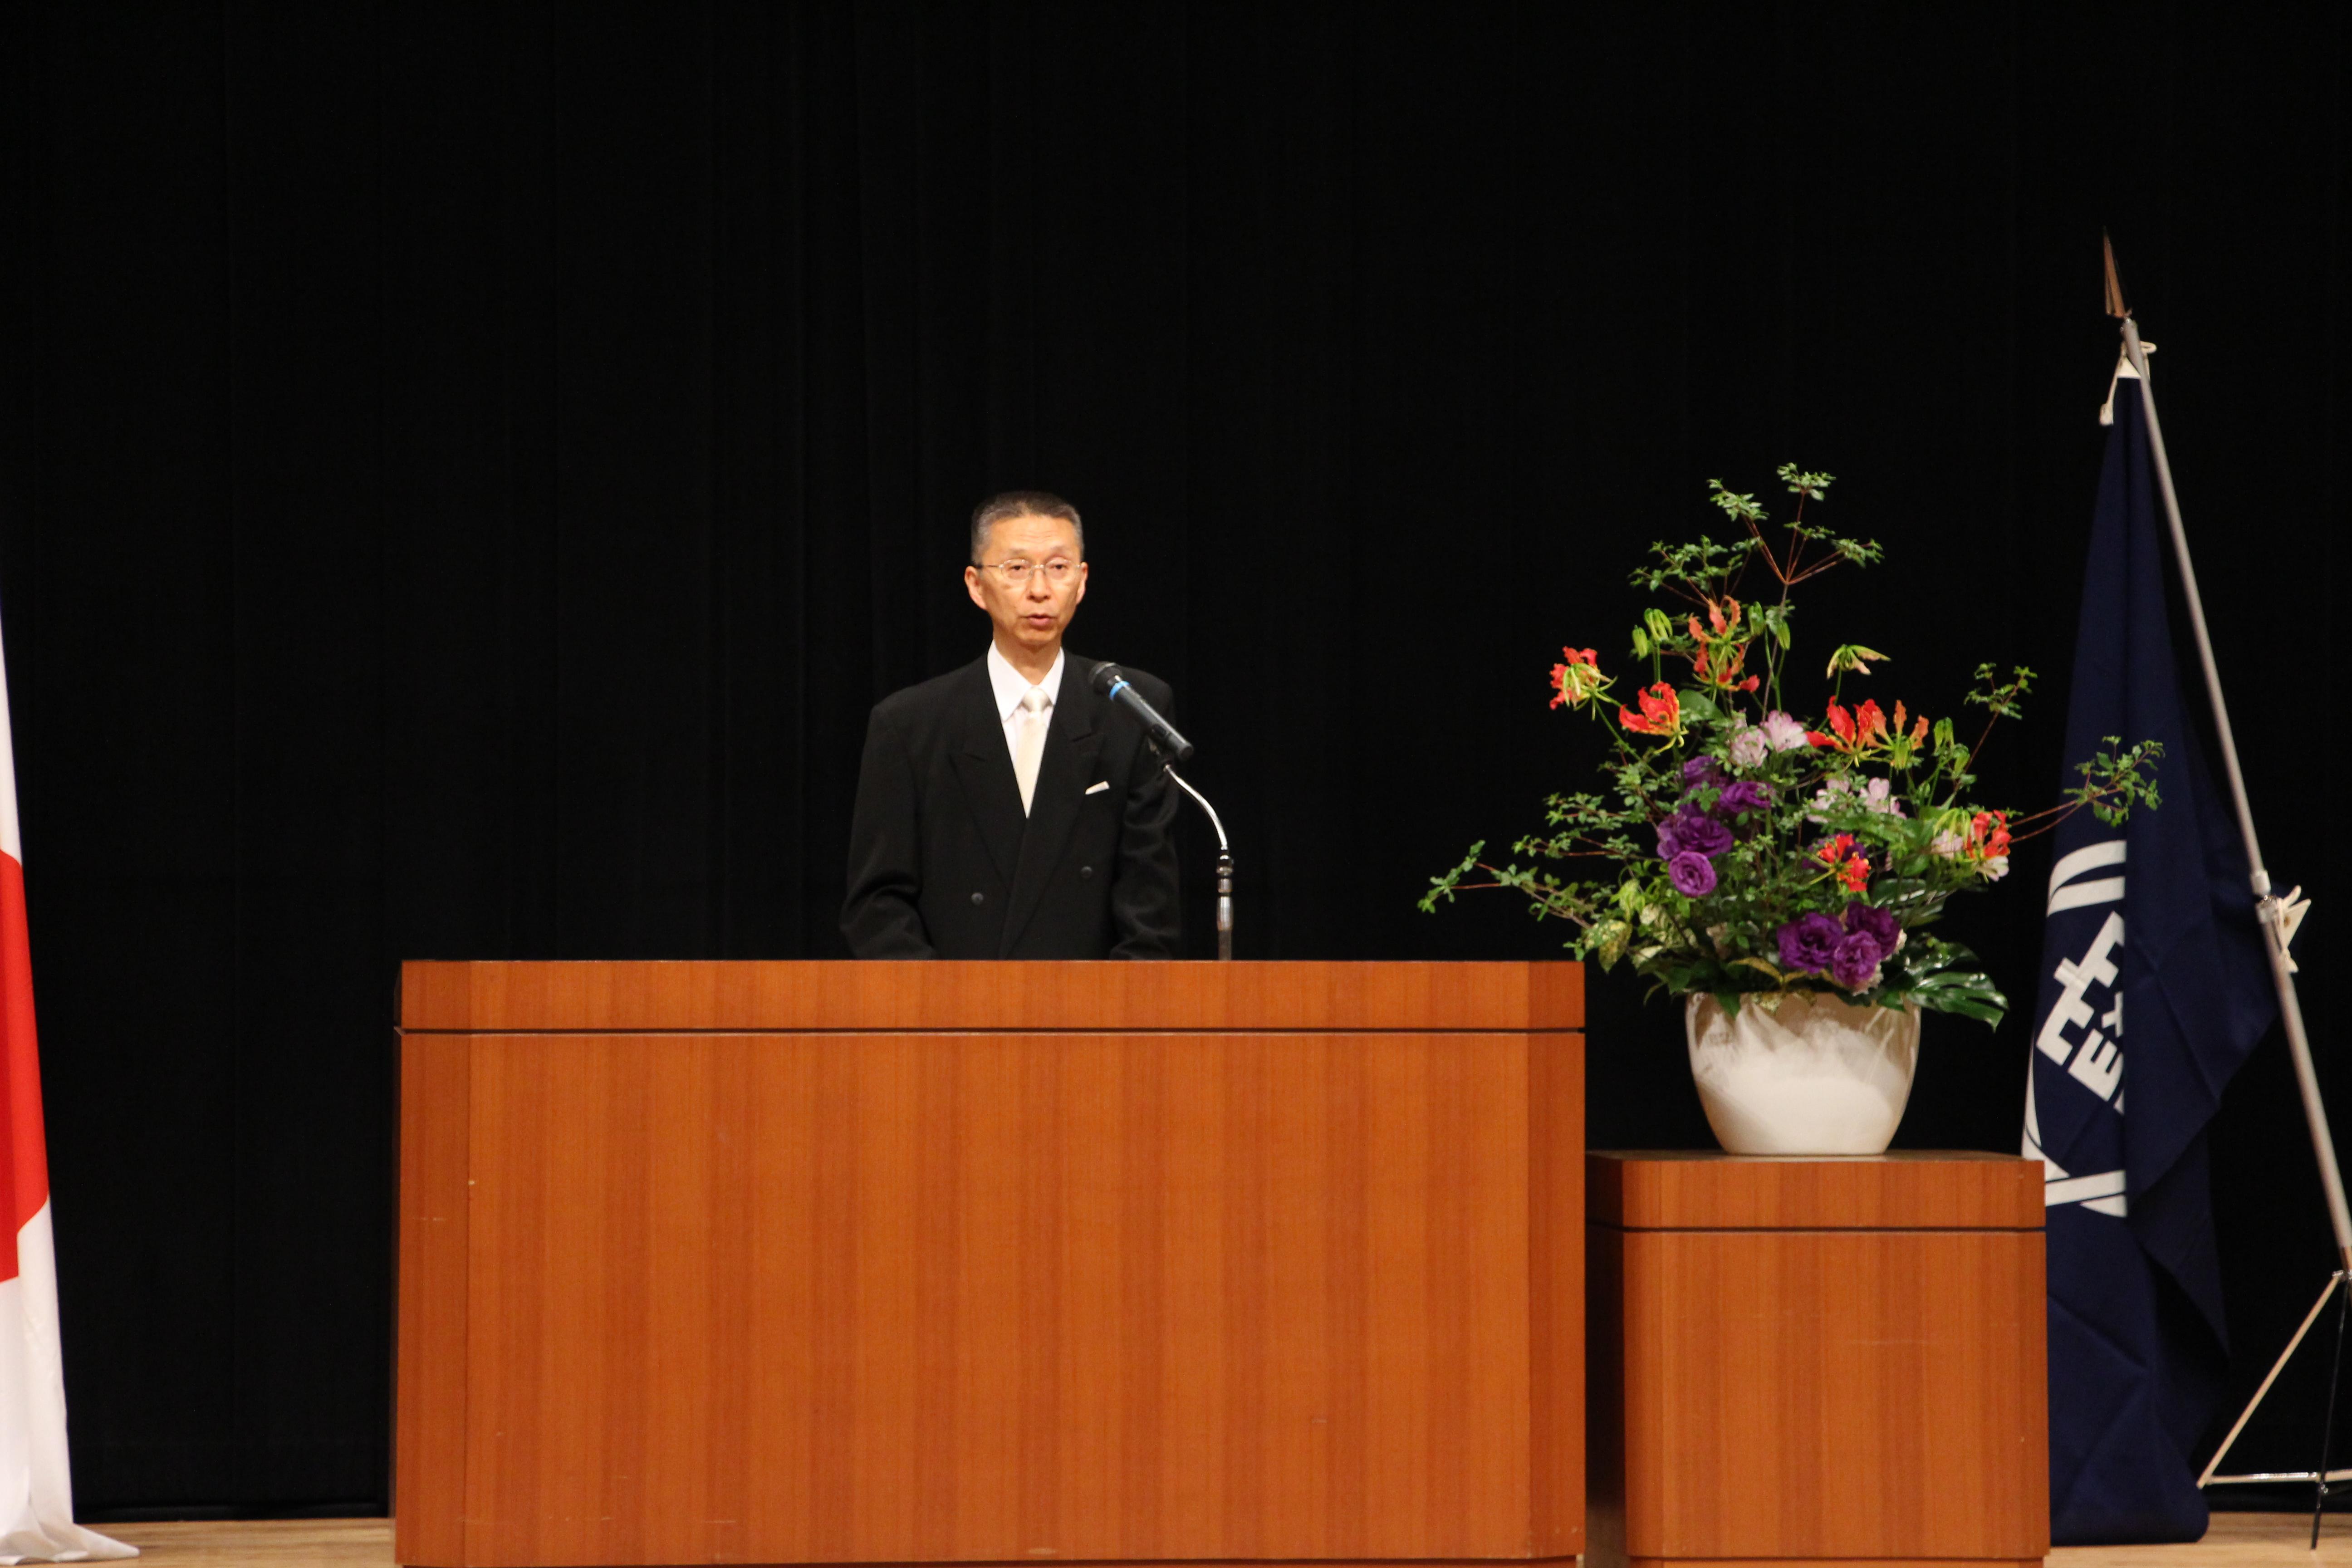 開講式花木先生挨拶